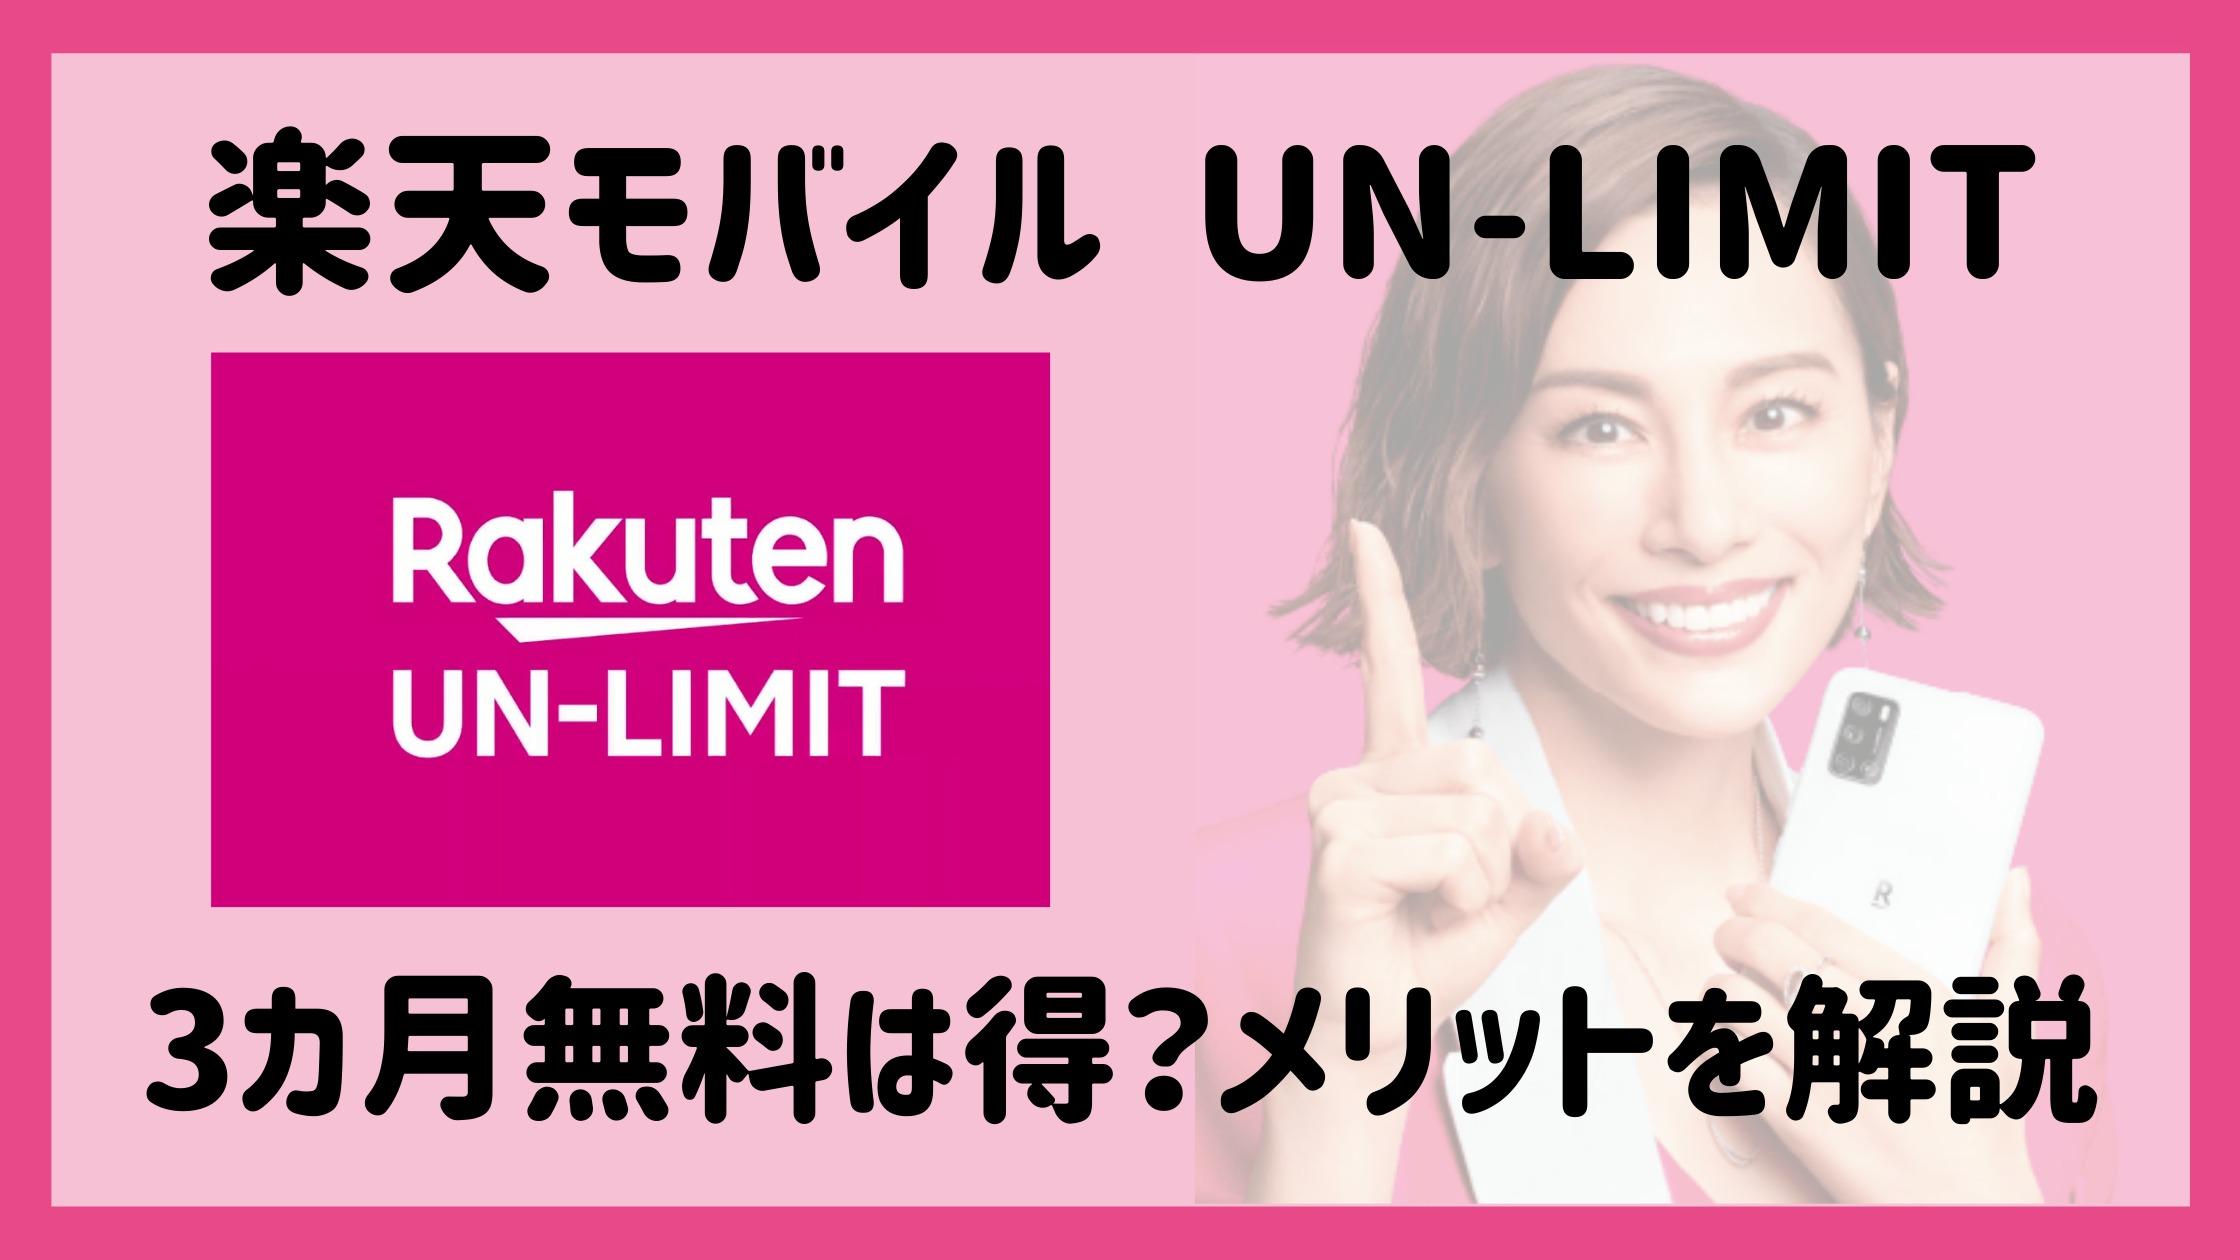 楽天モバイル UN-LIMIT Rakuten 無料 タダ 料金 スマホ